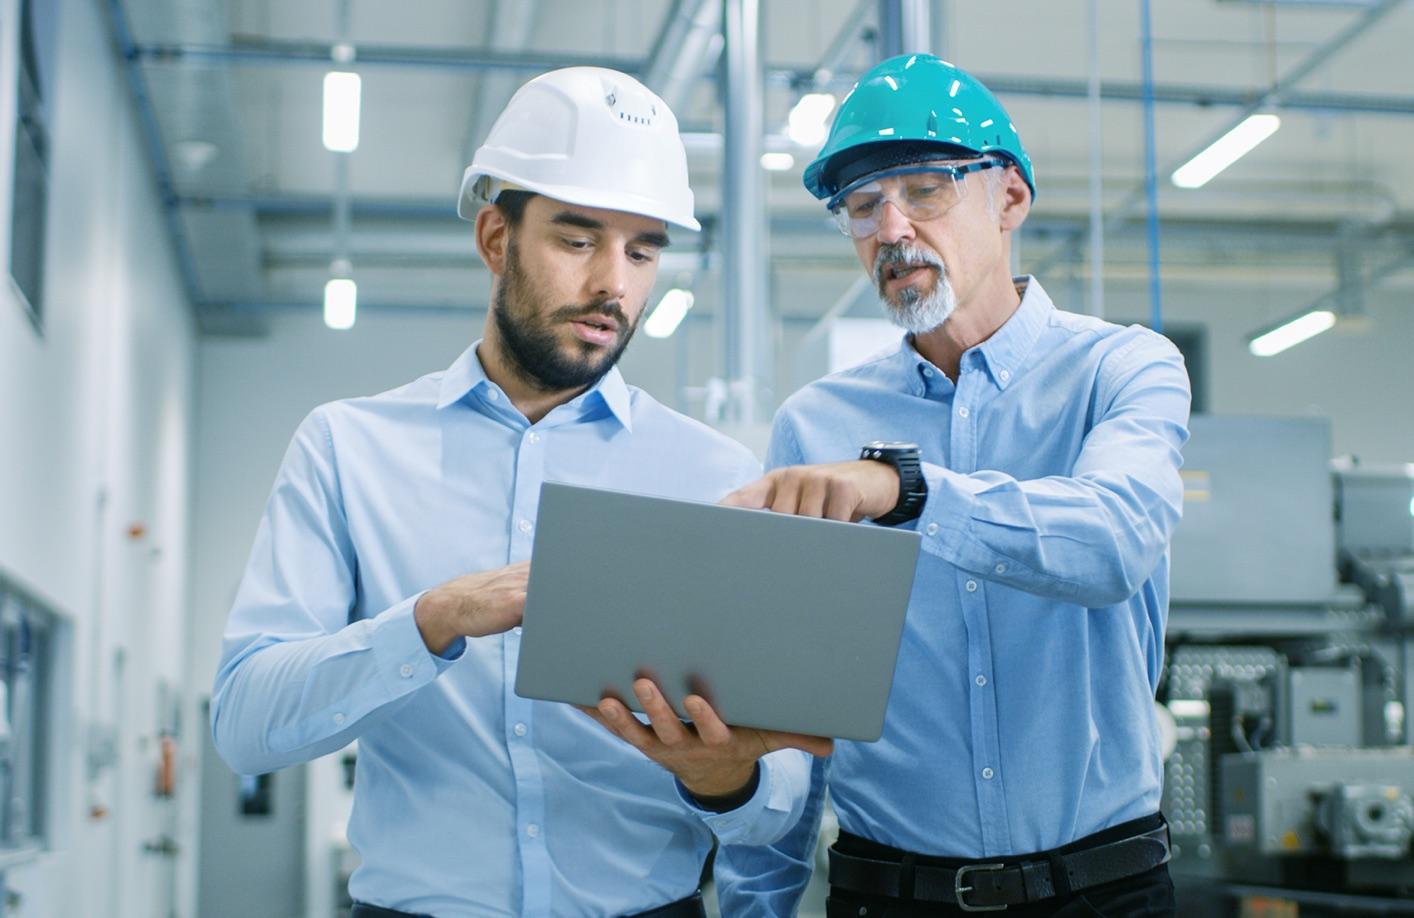 Instandhalter mit Laptop in Produktionshalle